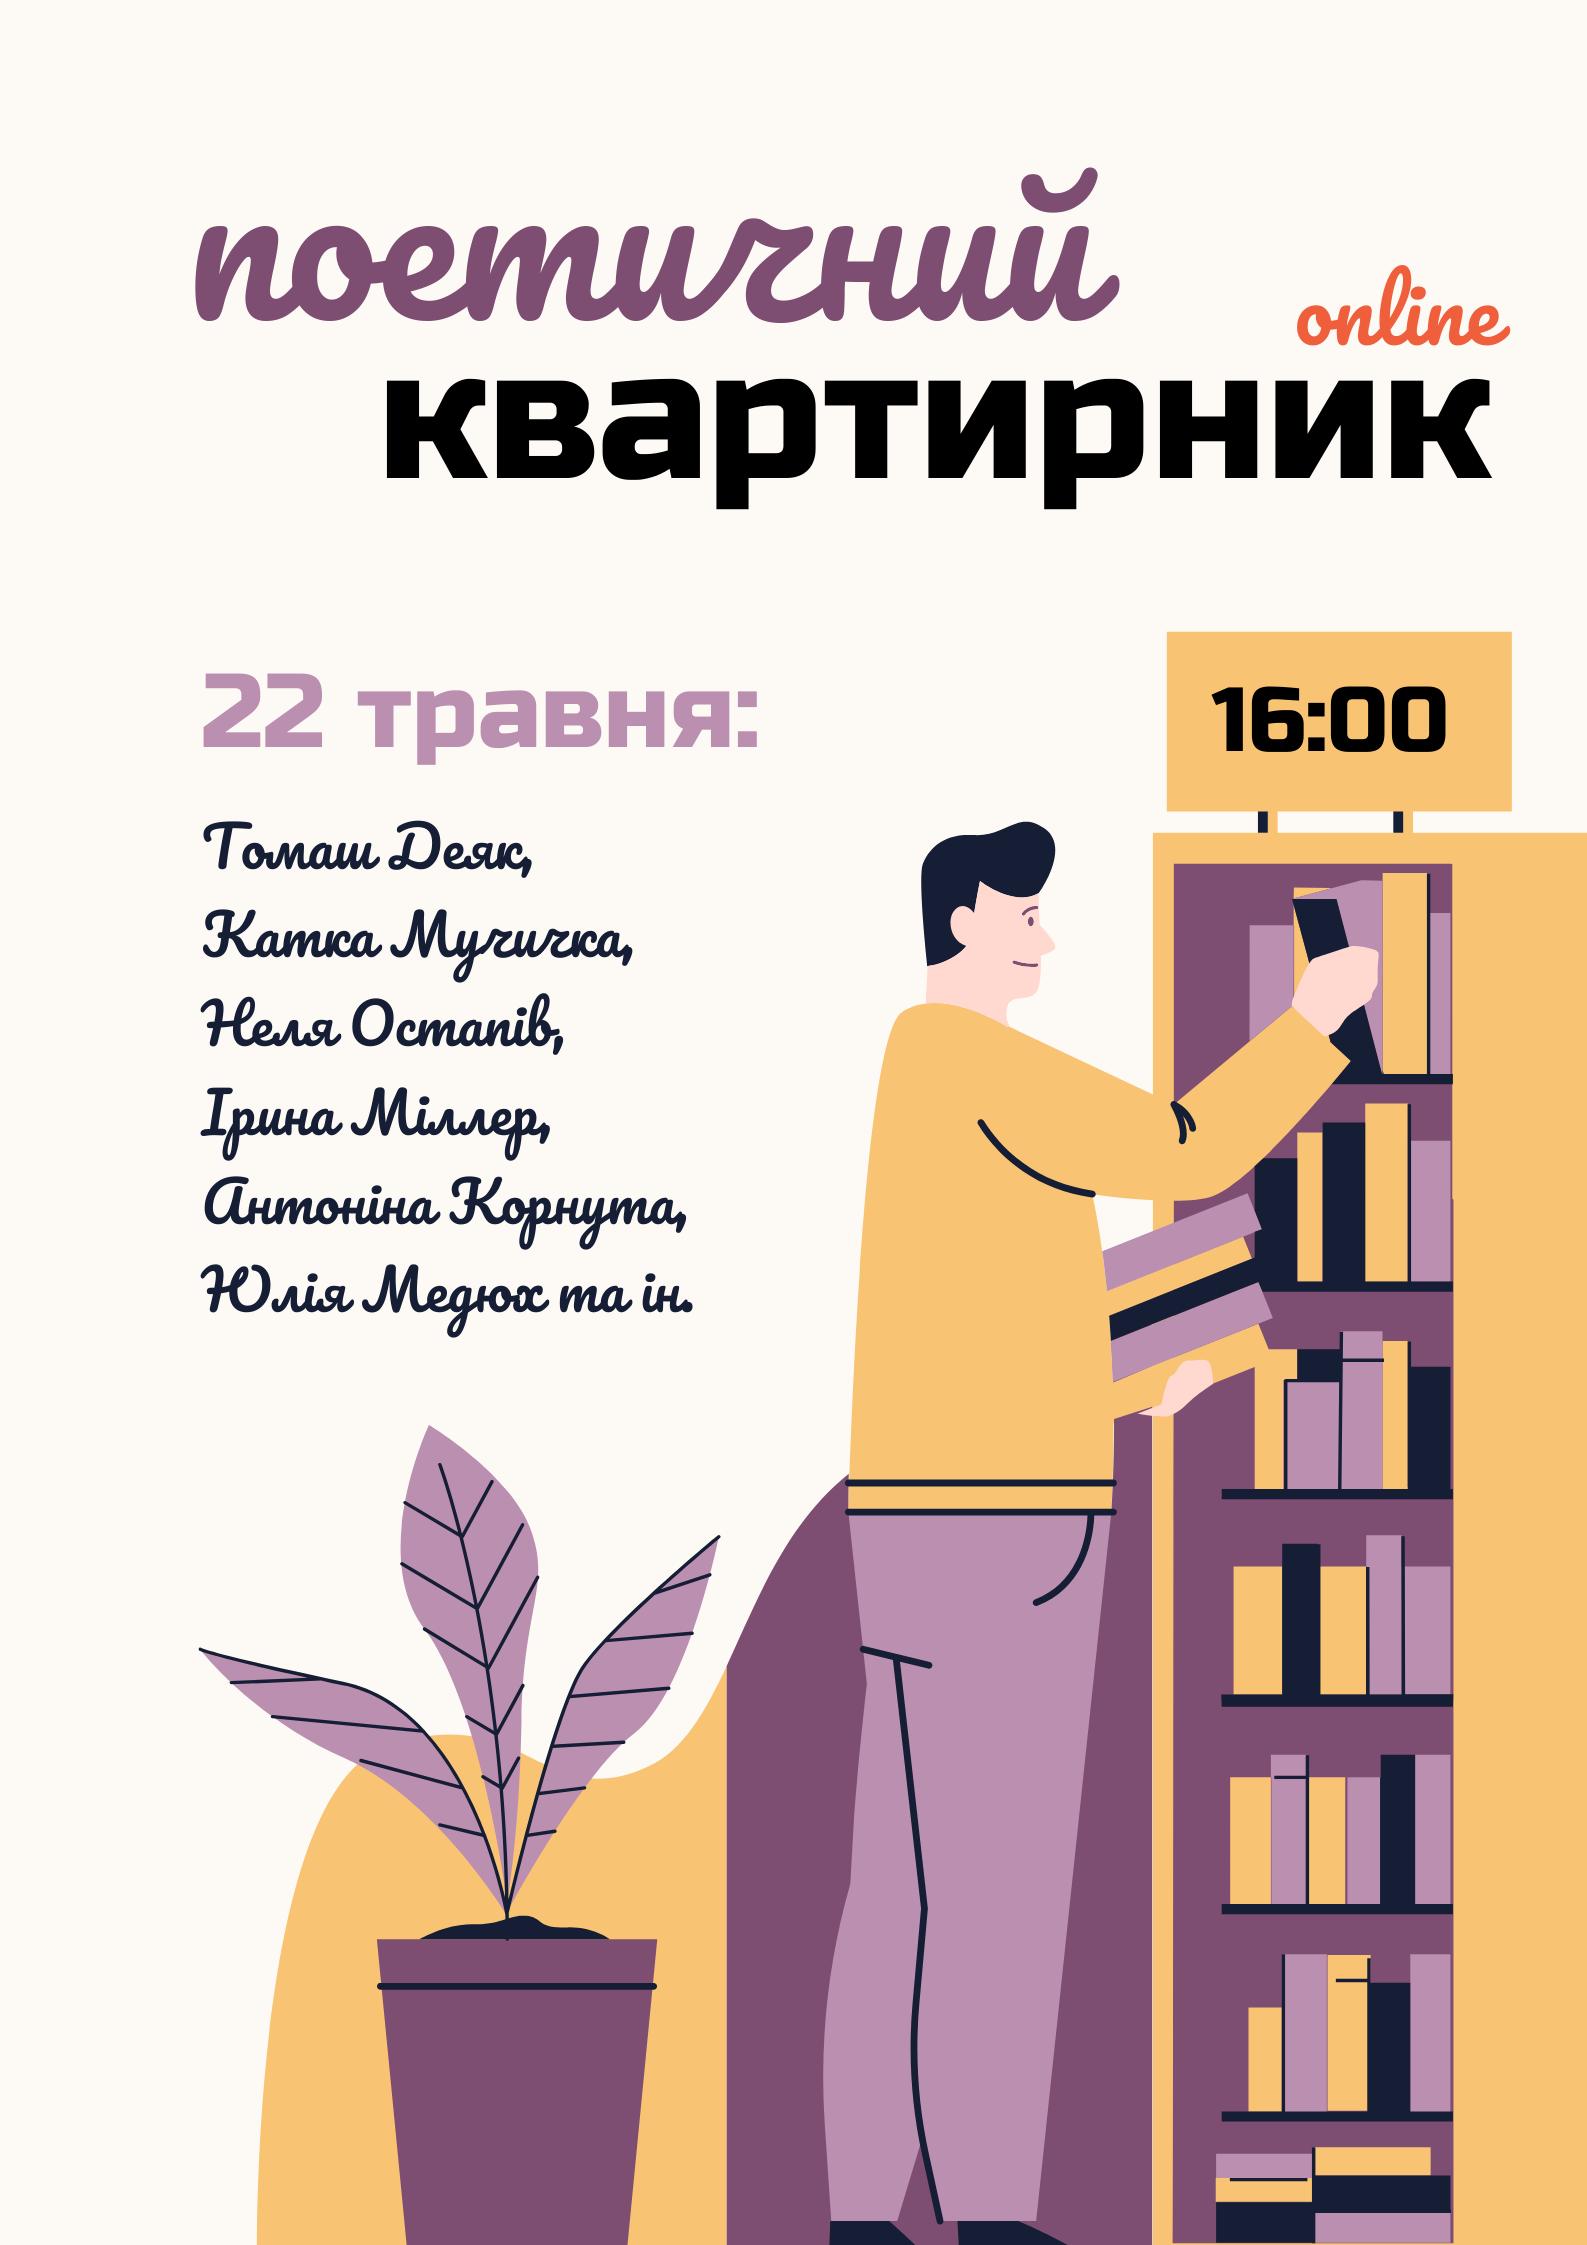 """Закарпатська обласна бібліотека запрошує на """"Поетичний квартирник online"""""""